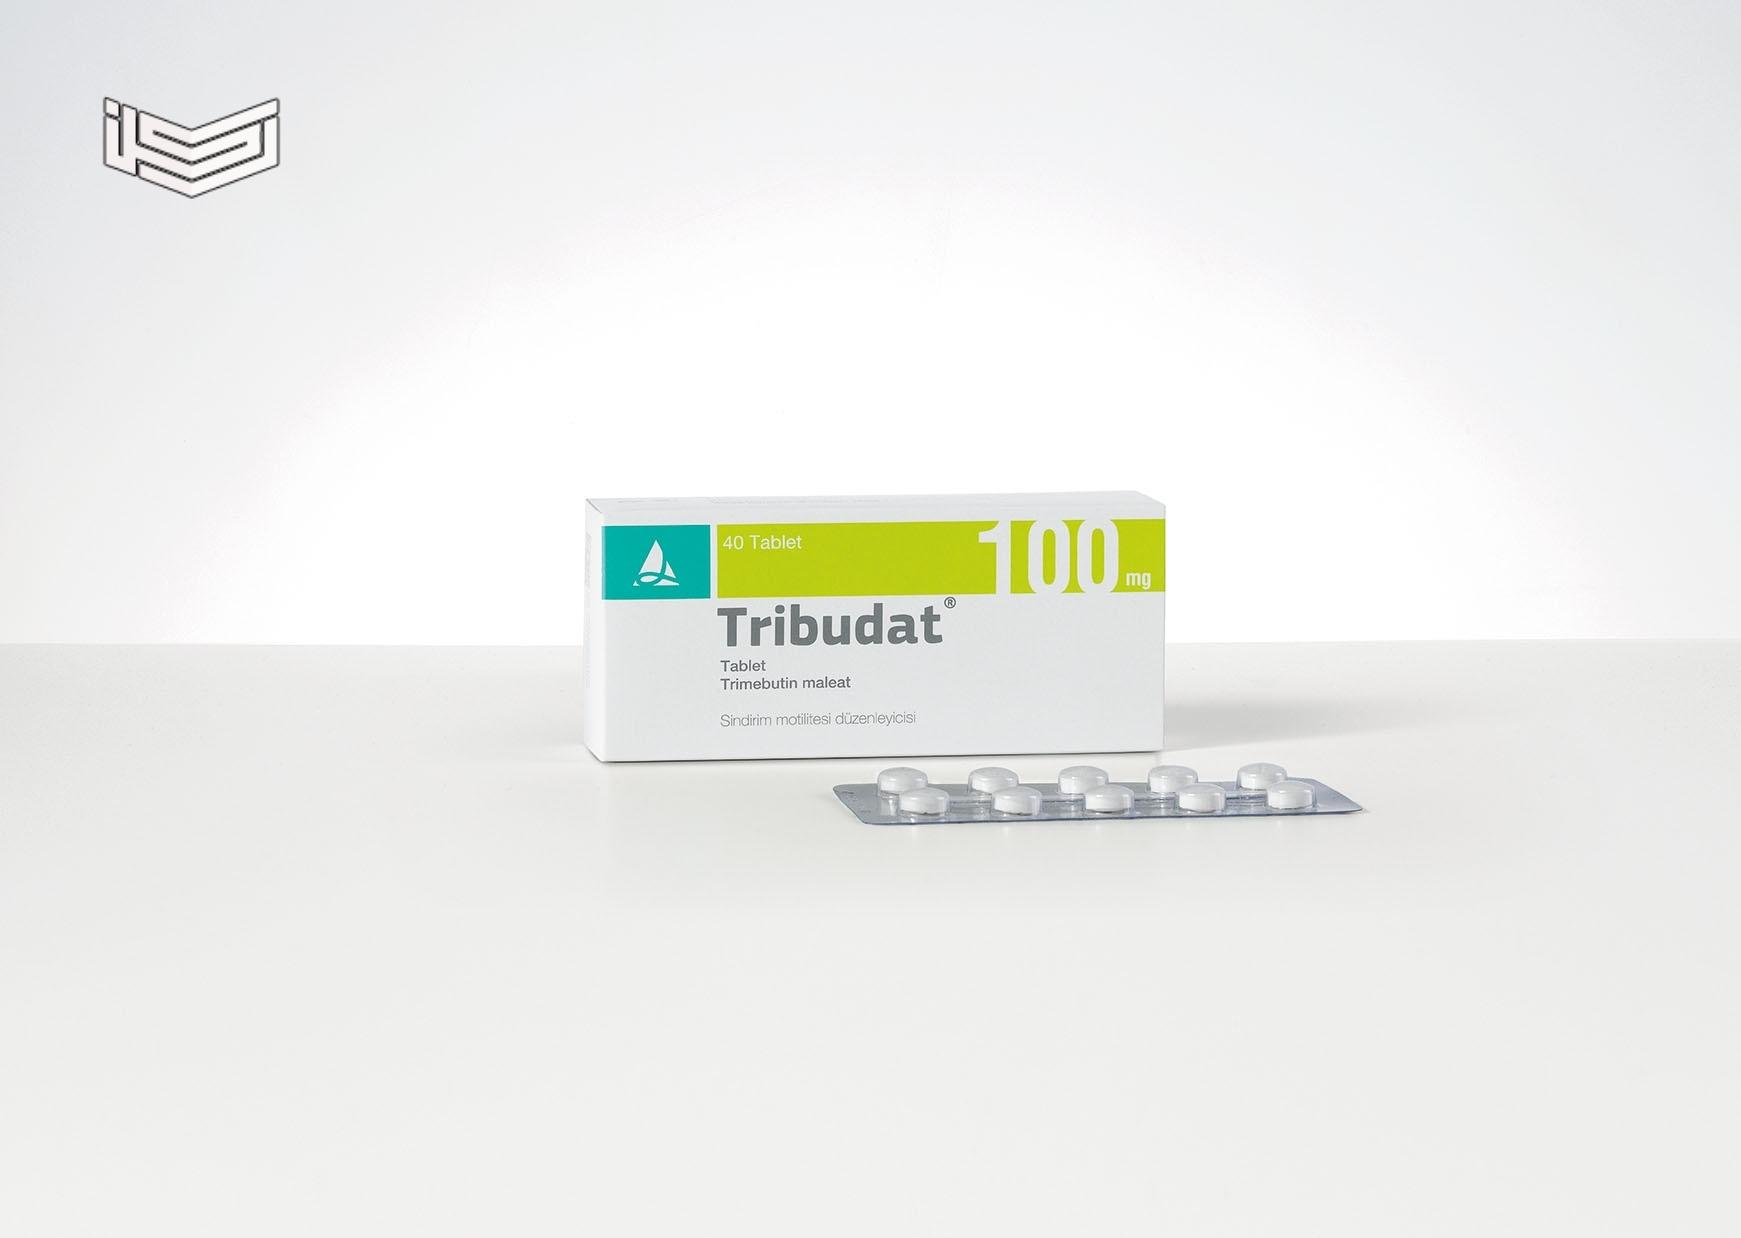 أقراص ترايبيودات أقوى علاج لالتهابات القولون Tribudat